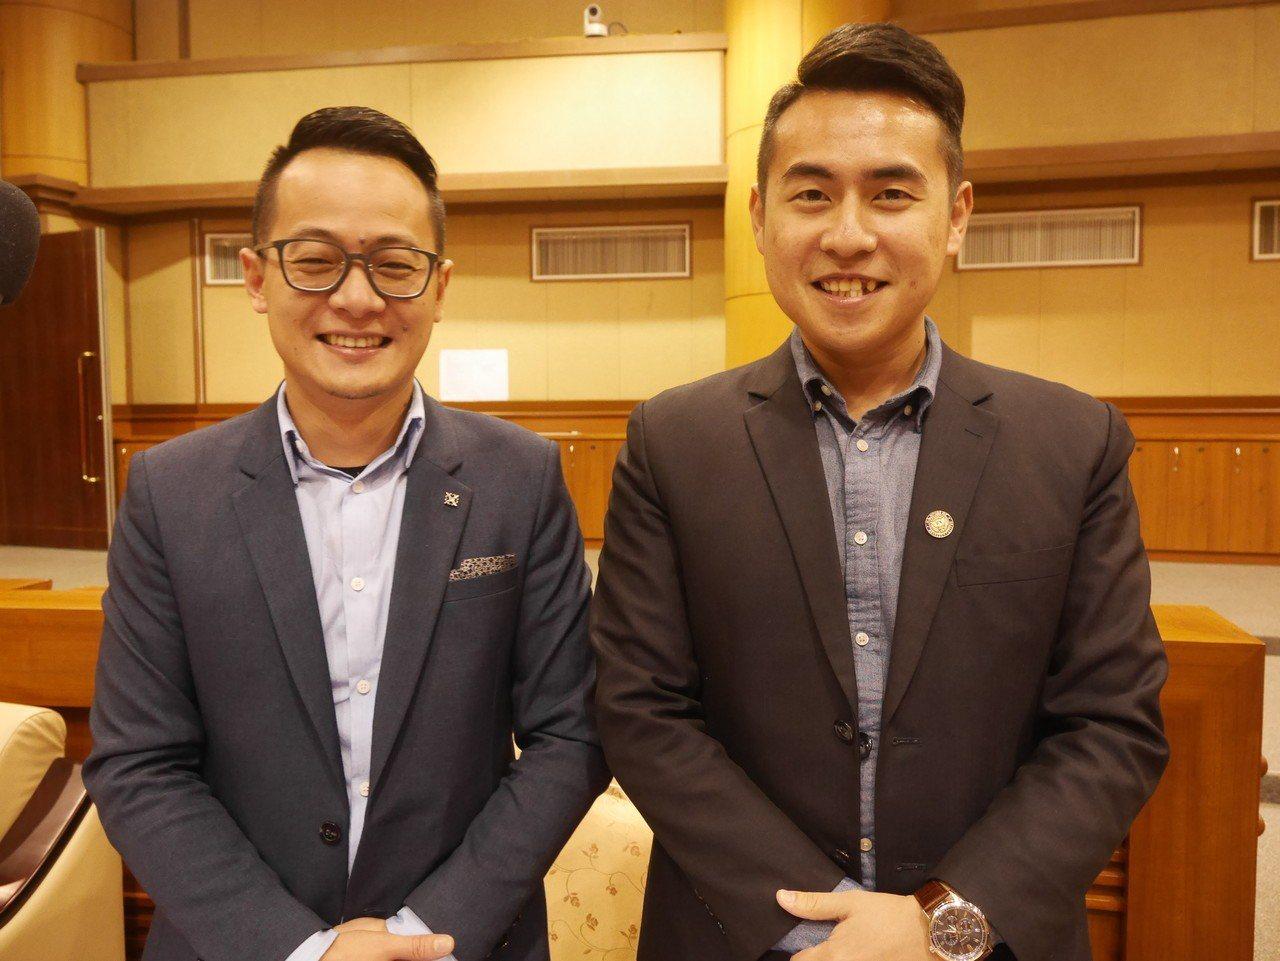 基隆市議員林旻勳(右),常被錯認成童子瑋,趣事連連。記者吳淑君/攝影